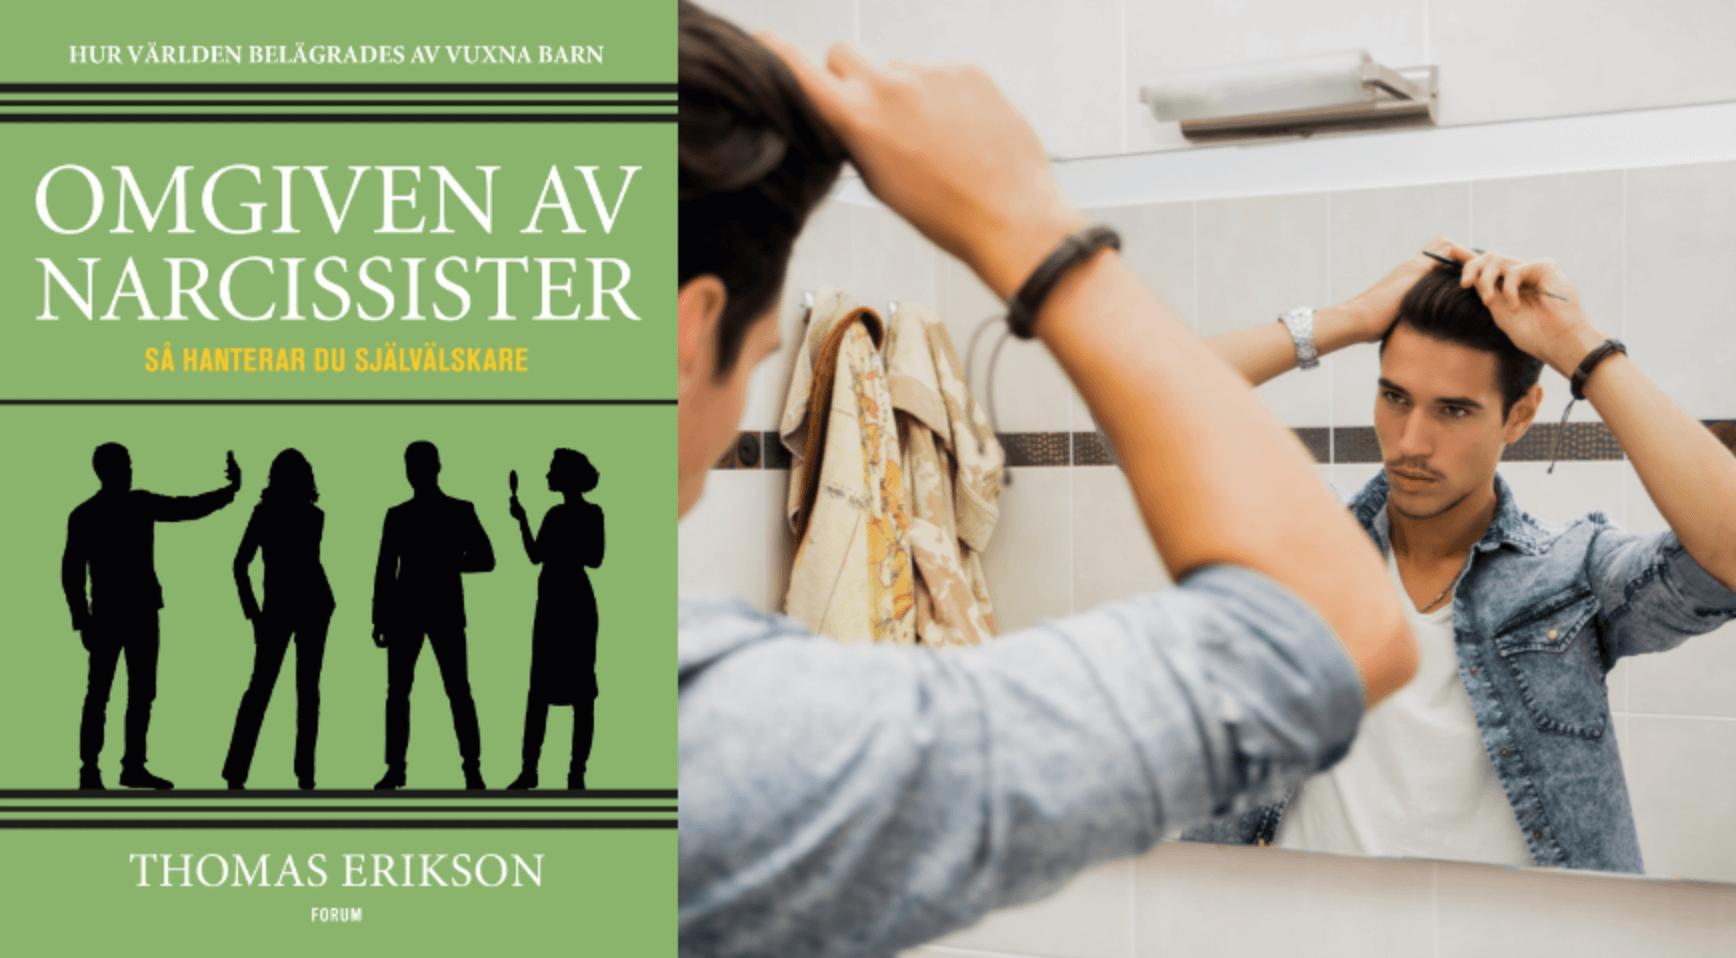 Nya boken lär dig allt om narcissism.